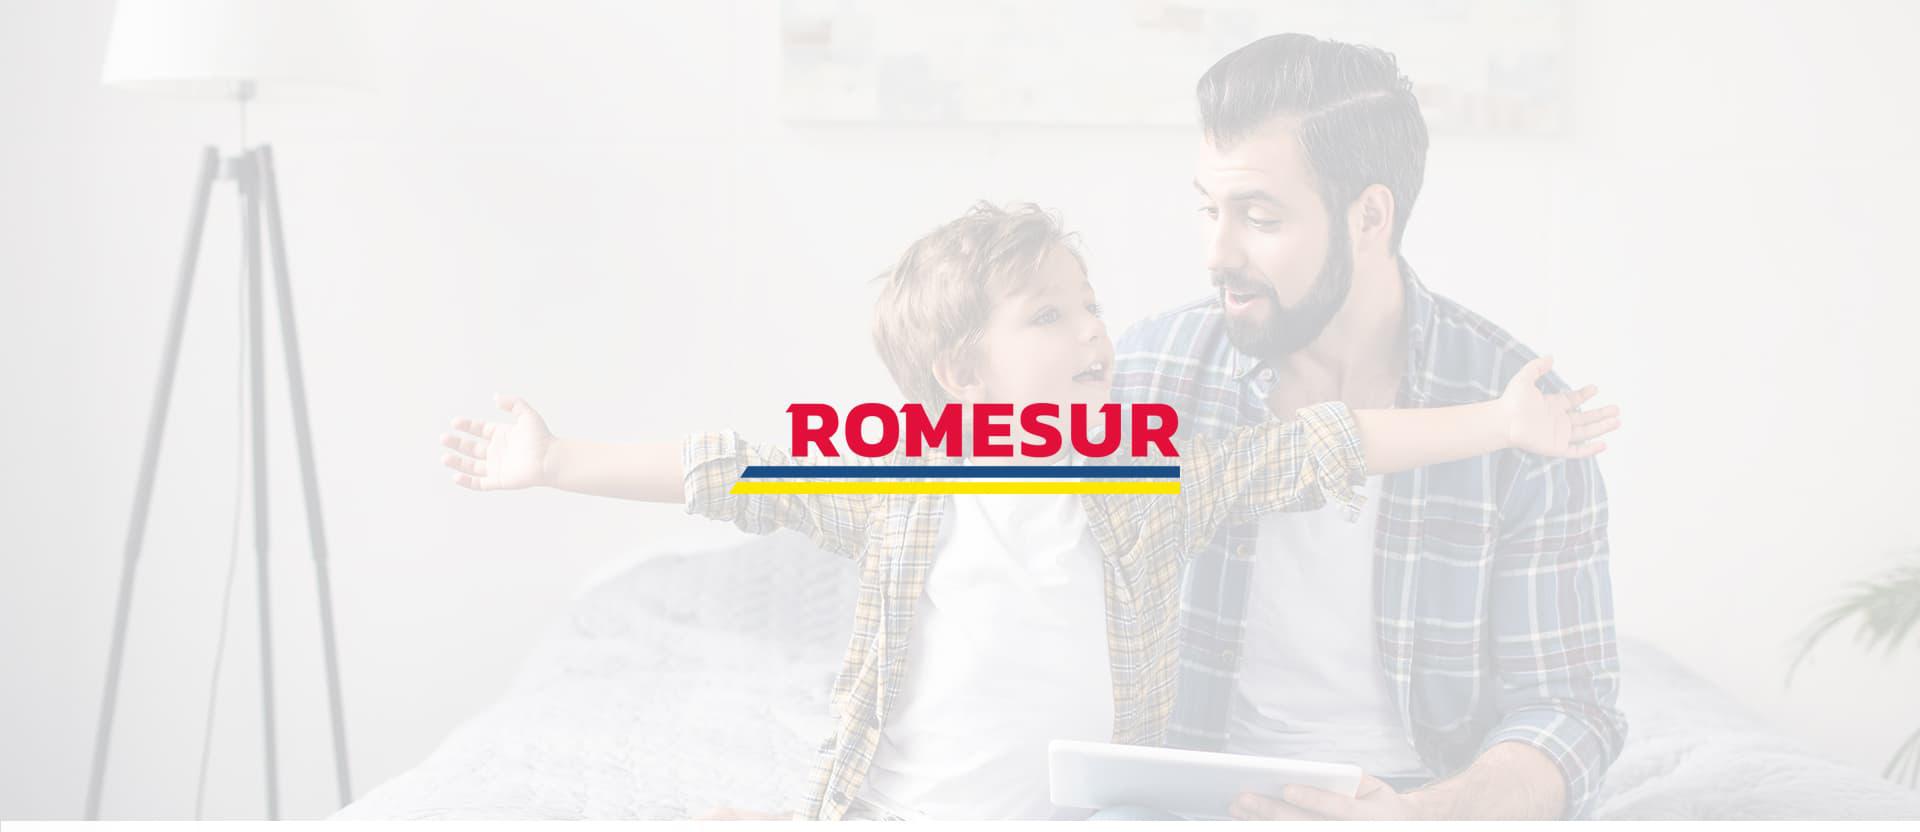 Romesur 1 - Fama Publicidad